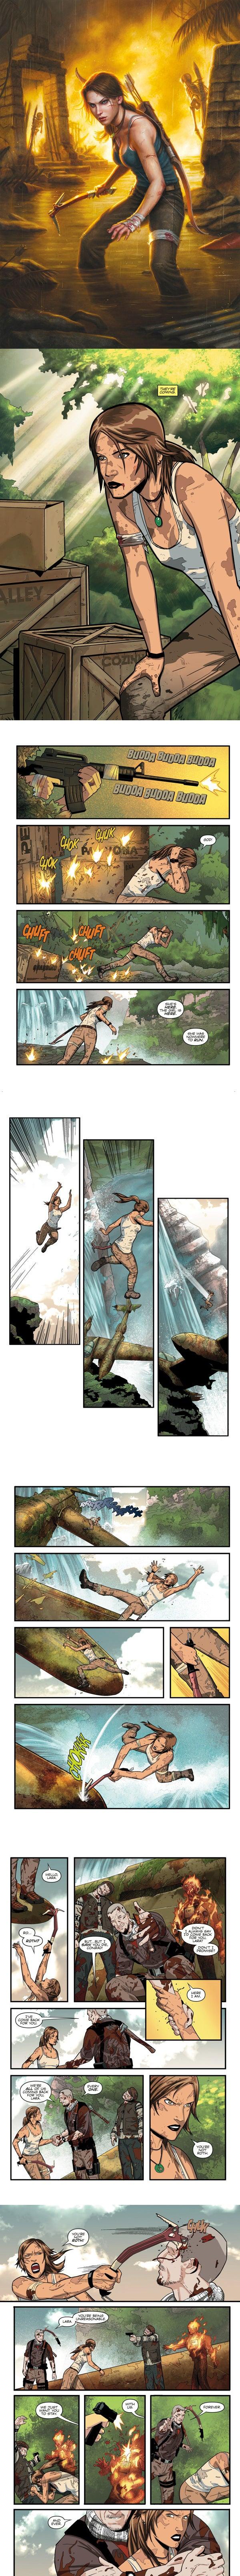 The Next Tomb Raider Story Starts Here